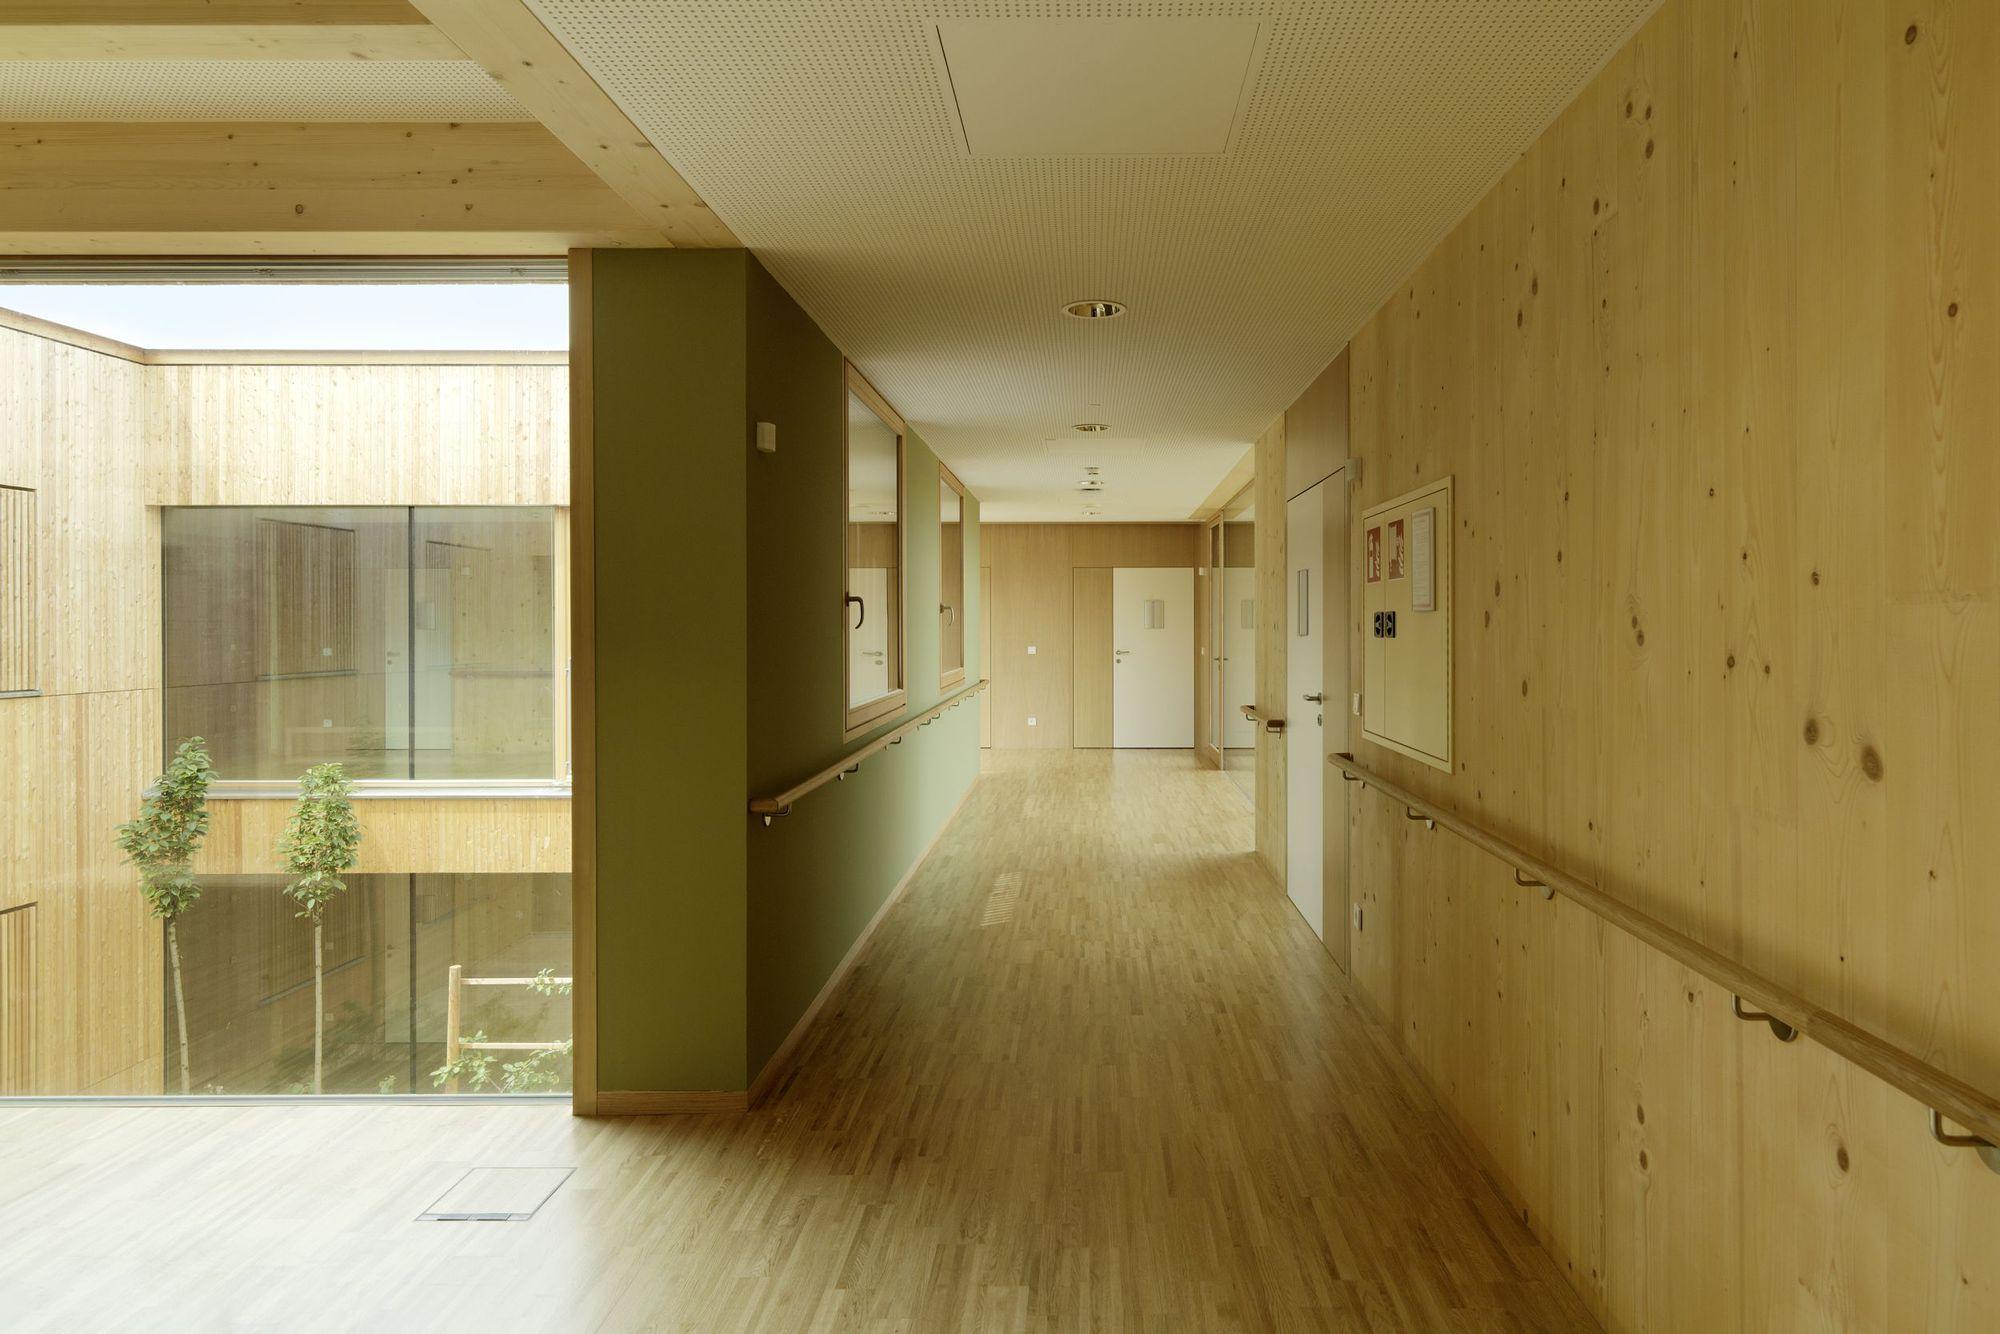 545c1d68e58ece1e47000048_peter-rosegger-nursing-home-dietger-wissounig-architekten_-paul-ott_prsggrstr_051